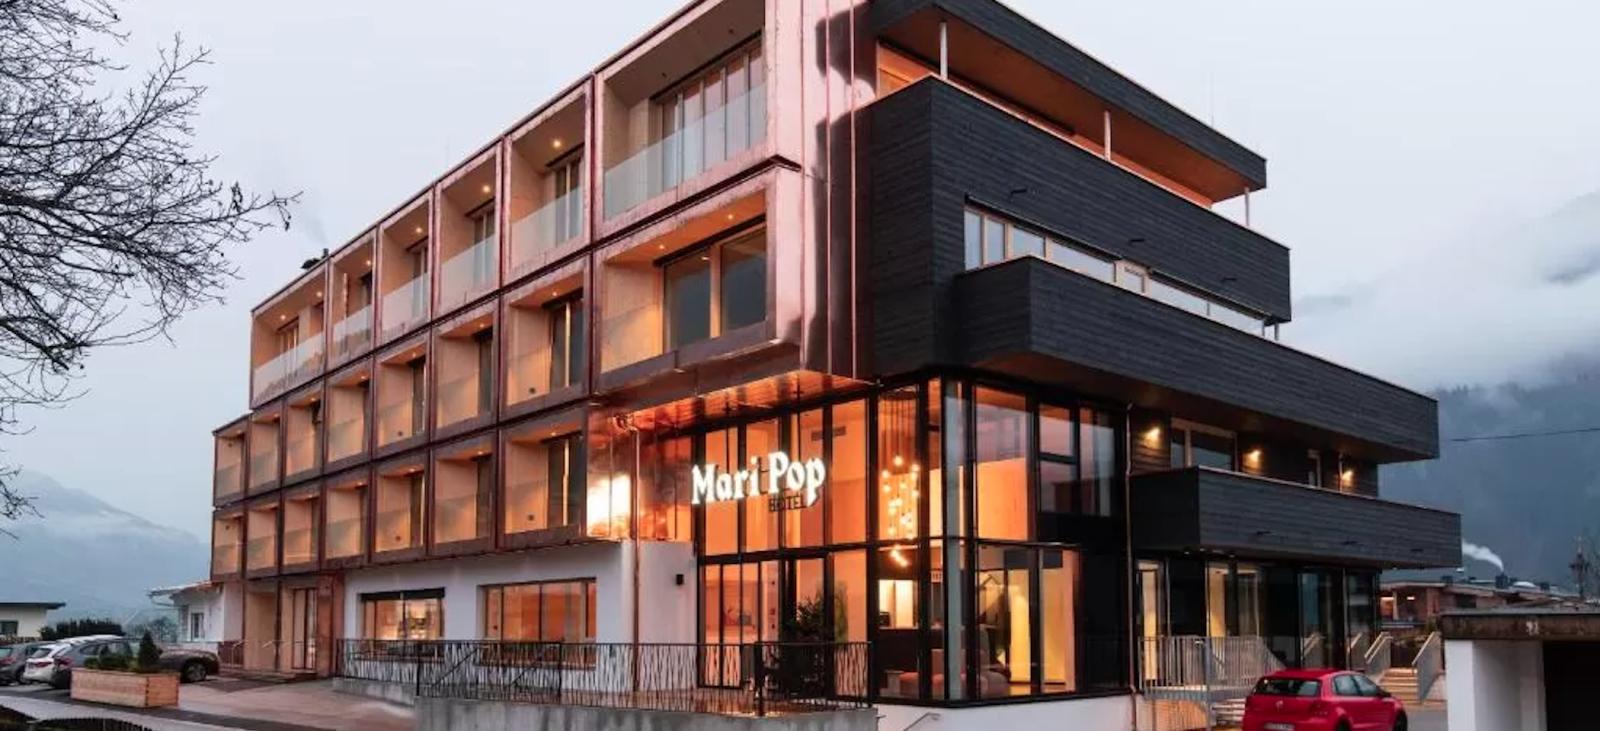 Mari Pop Hotel, Zillertal